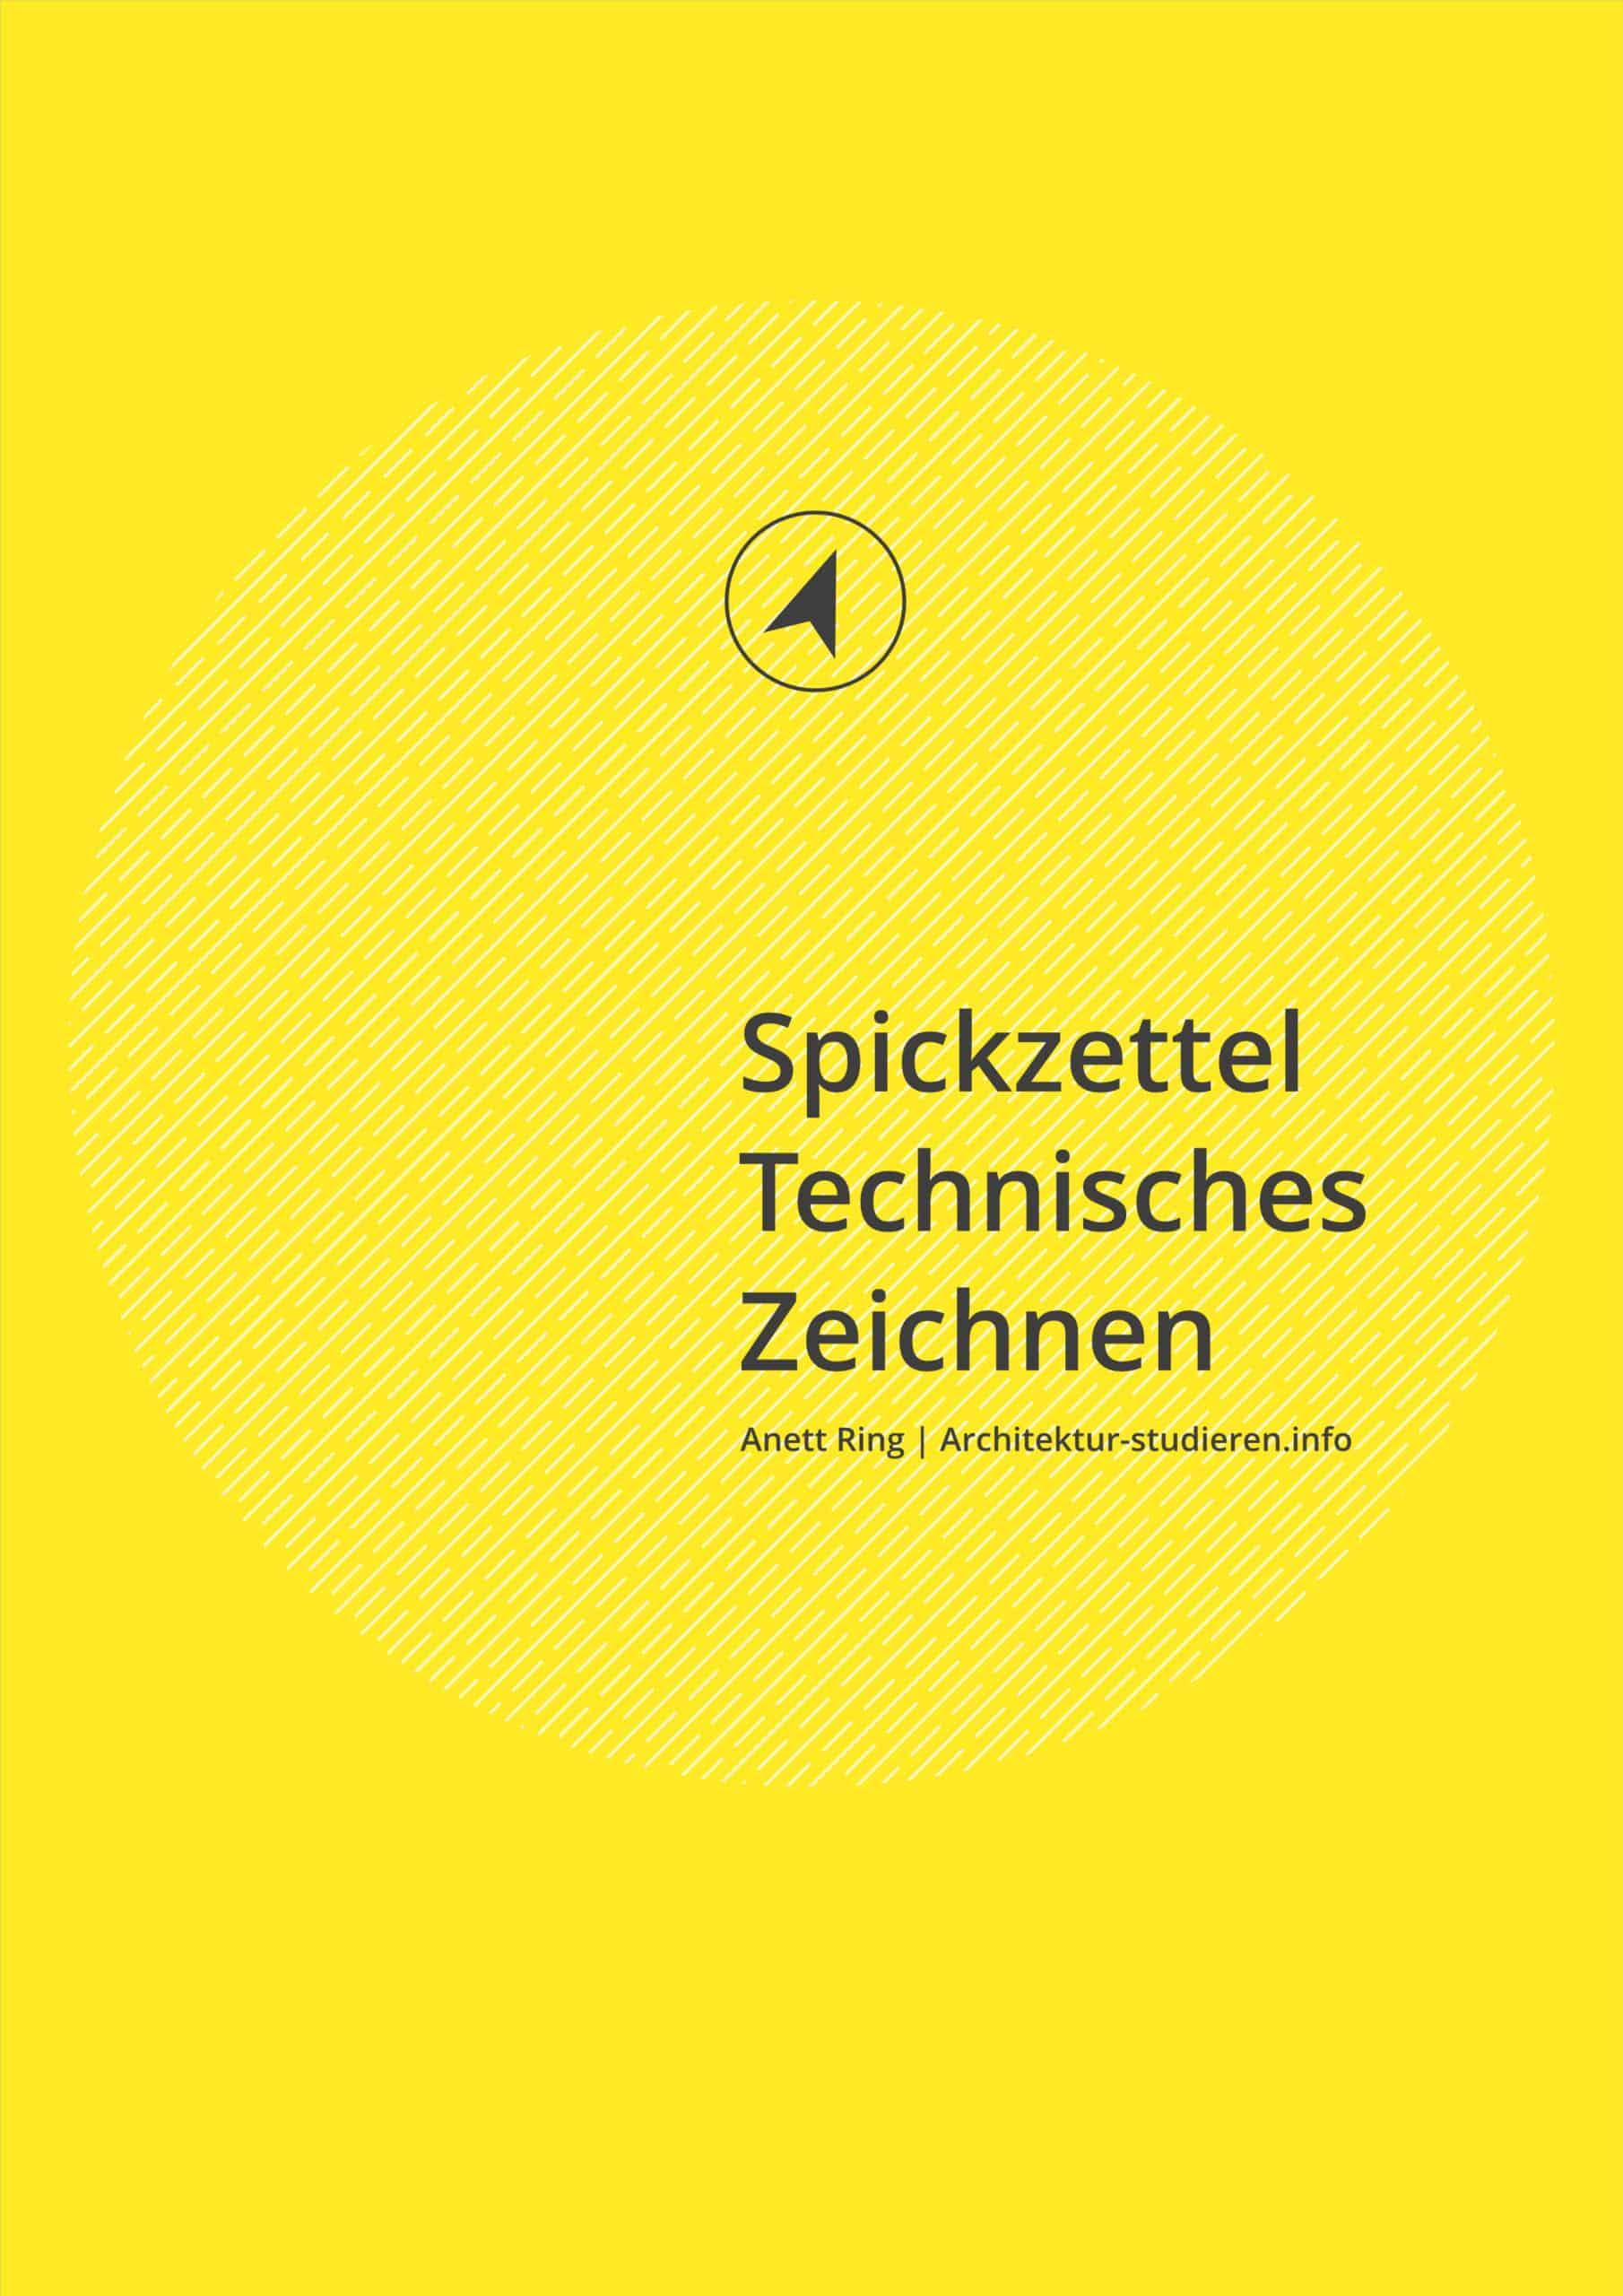 E-Book: Spickzettel mit Grundlagen Technisches Zeichnen | © Anett Ring, Architektur-studieren.info